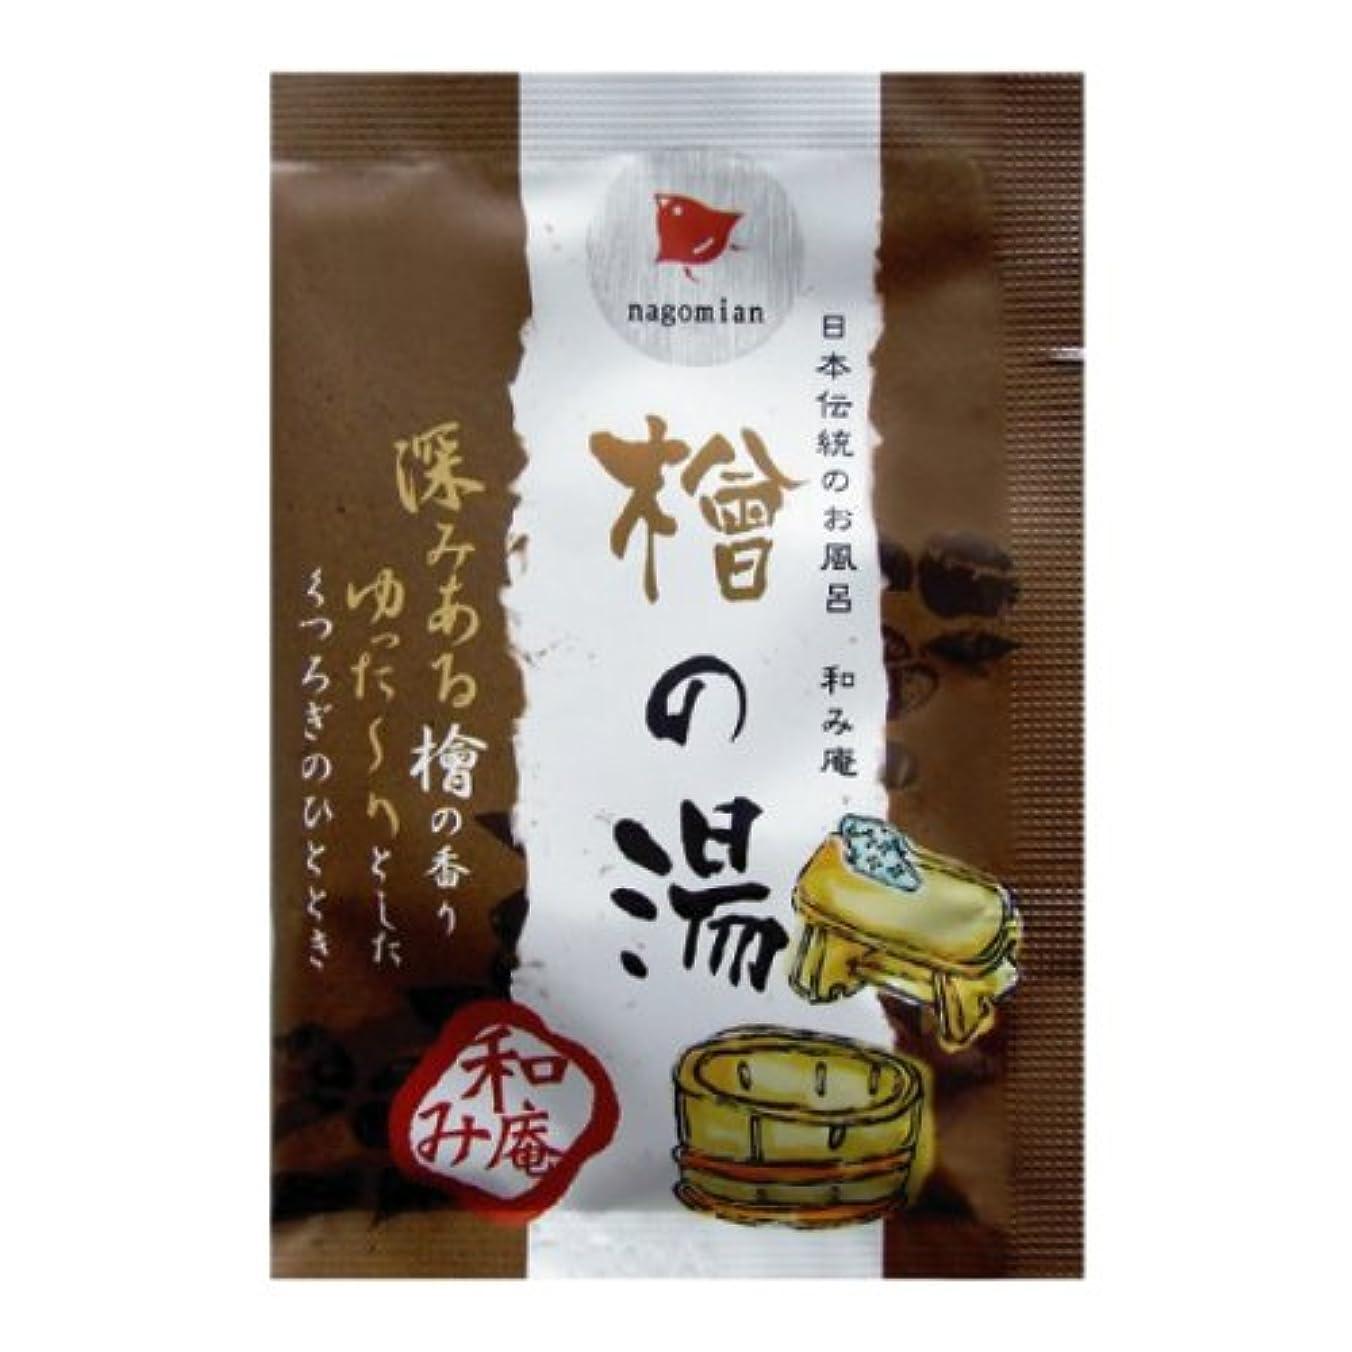 技術者他の日追い越す日本伝統のお風呂 和み庵 檜の湯 200包